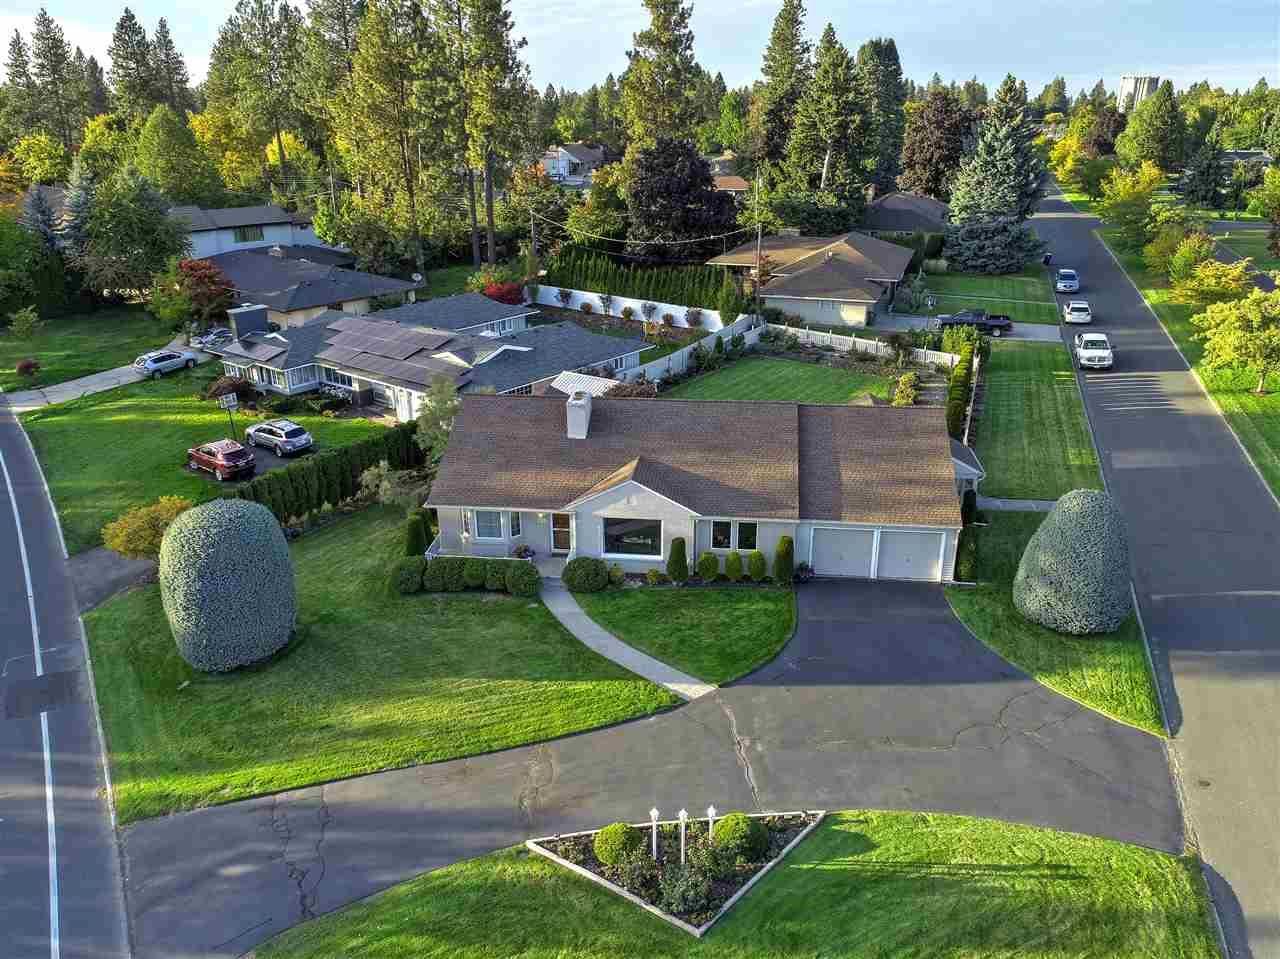 135 E High Dr, Spokane, WA 99203 - #: 202022253